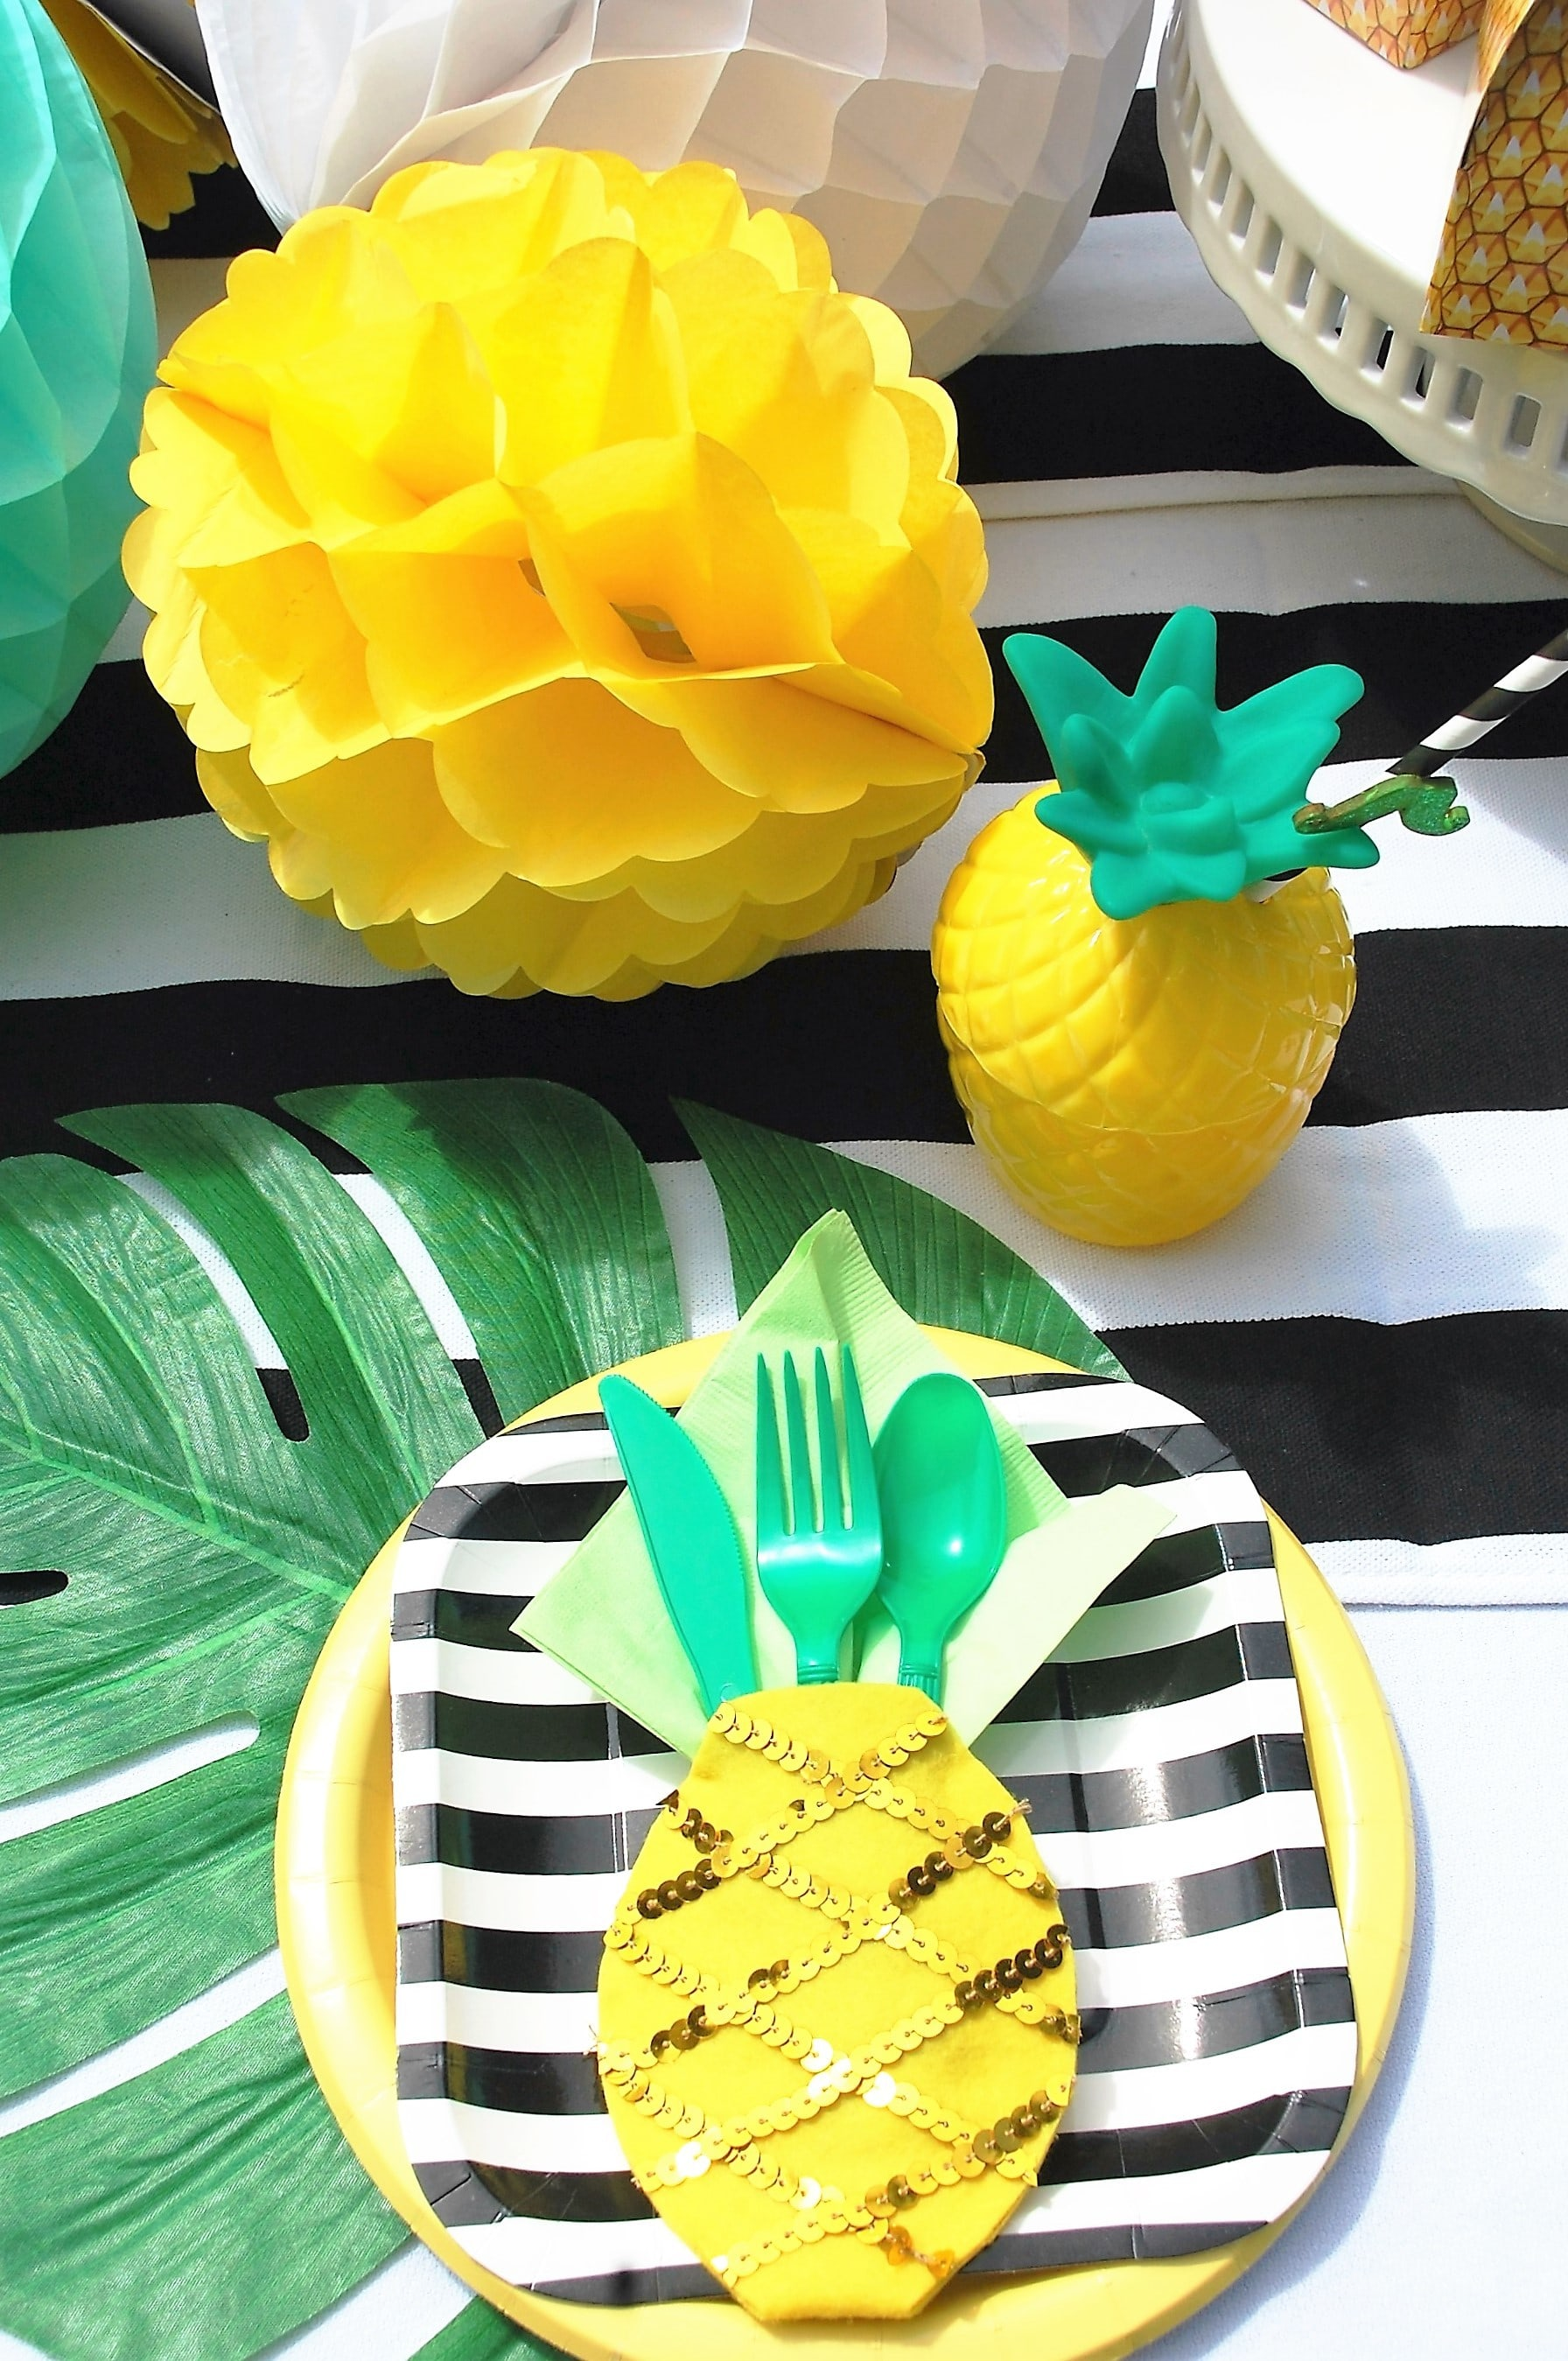 cha-de-panela-abacaxi-decoracao-15-min